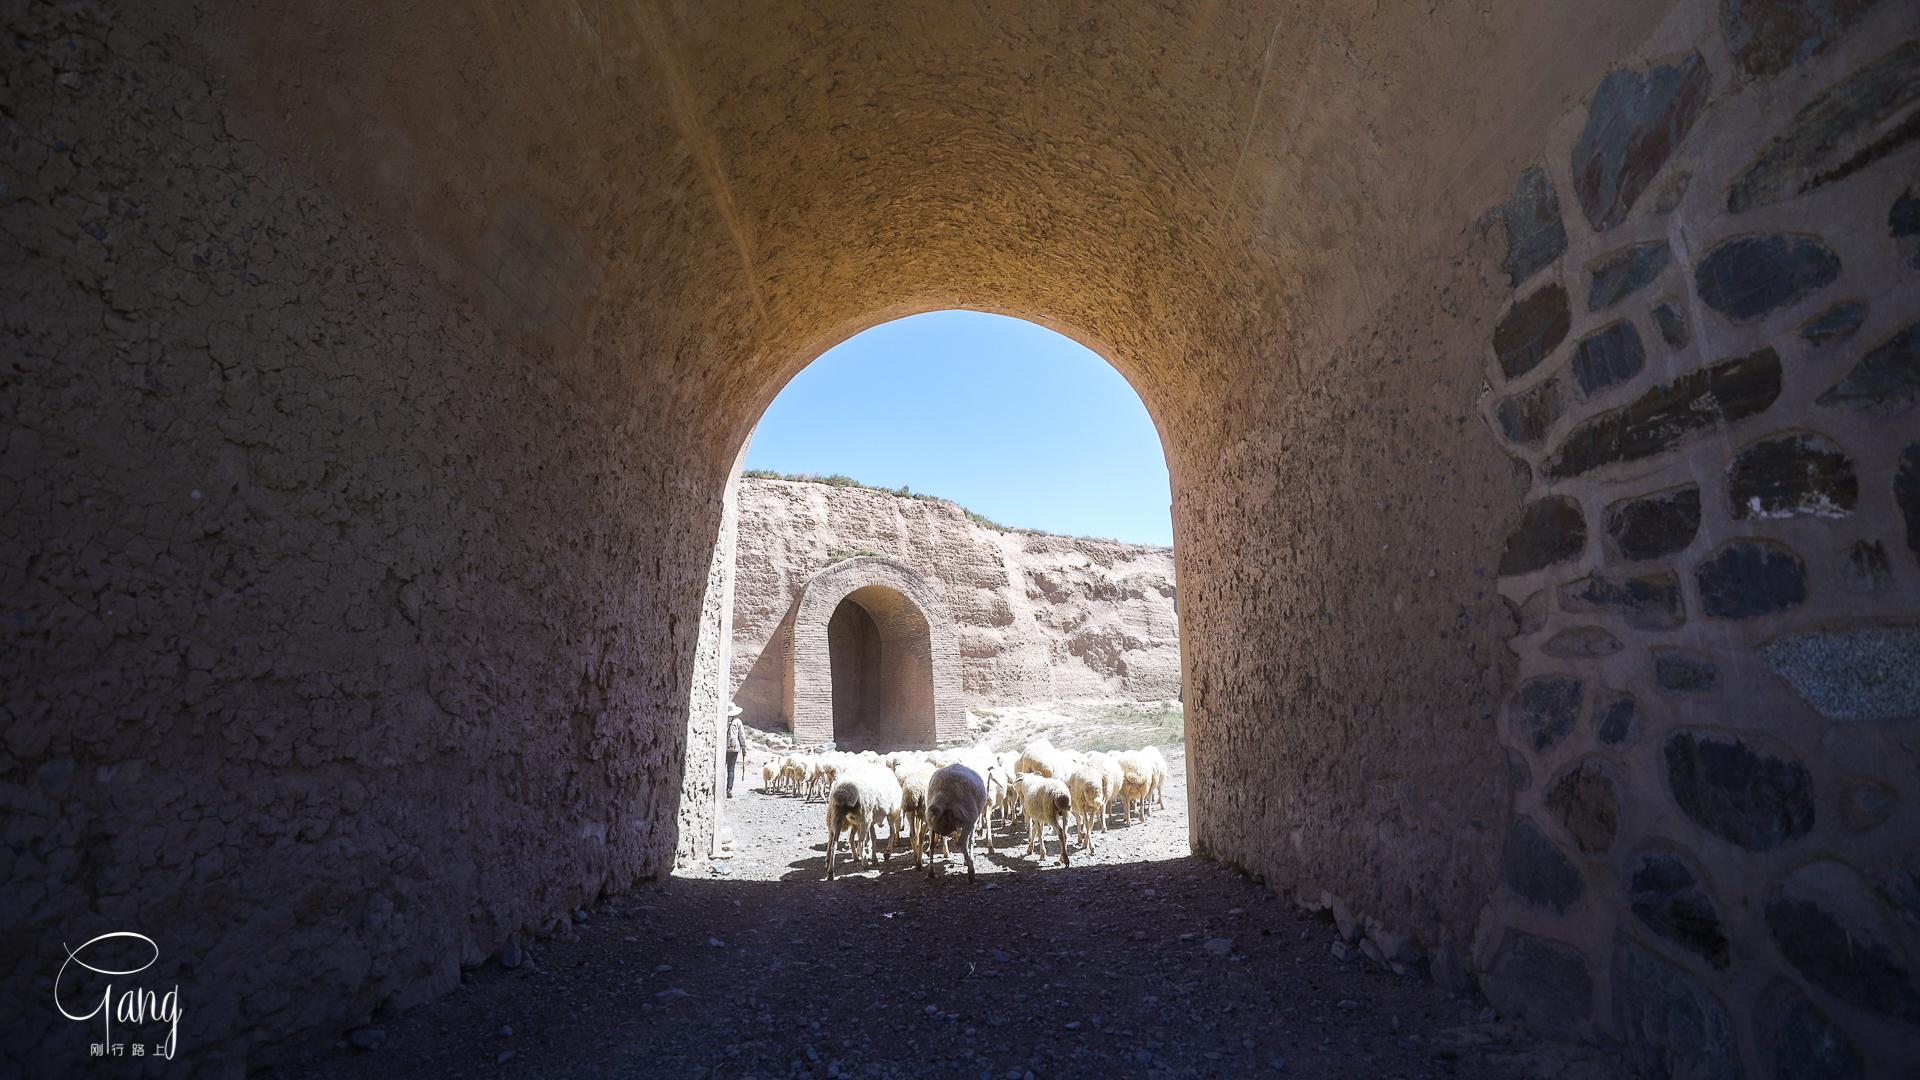 甘肃这个400年历史的边关要塞,如今是全世界最后的大漠龟城